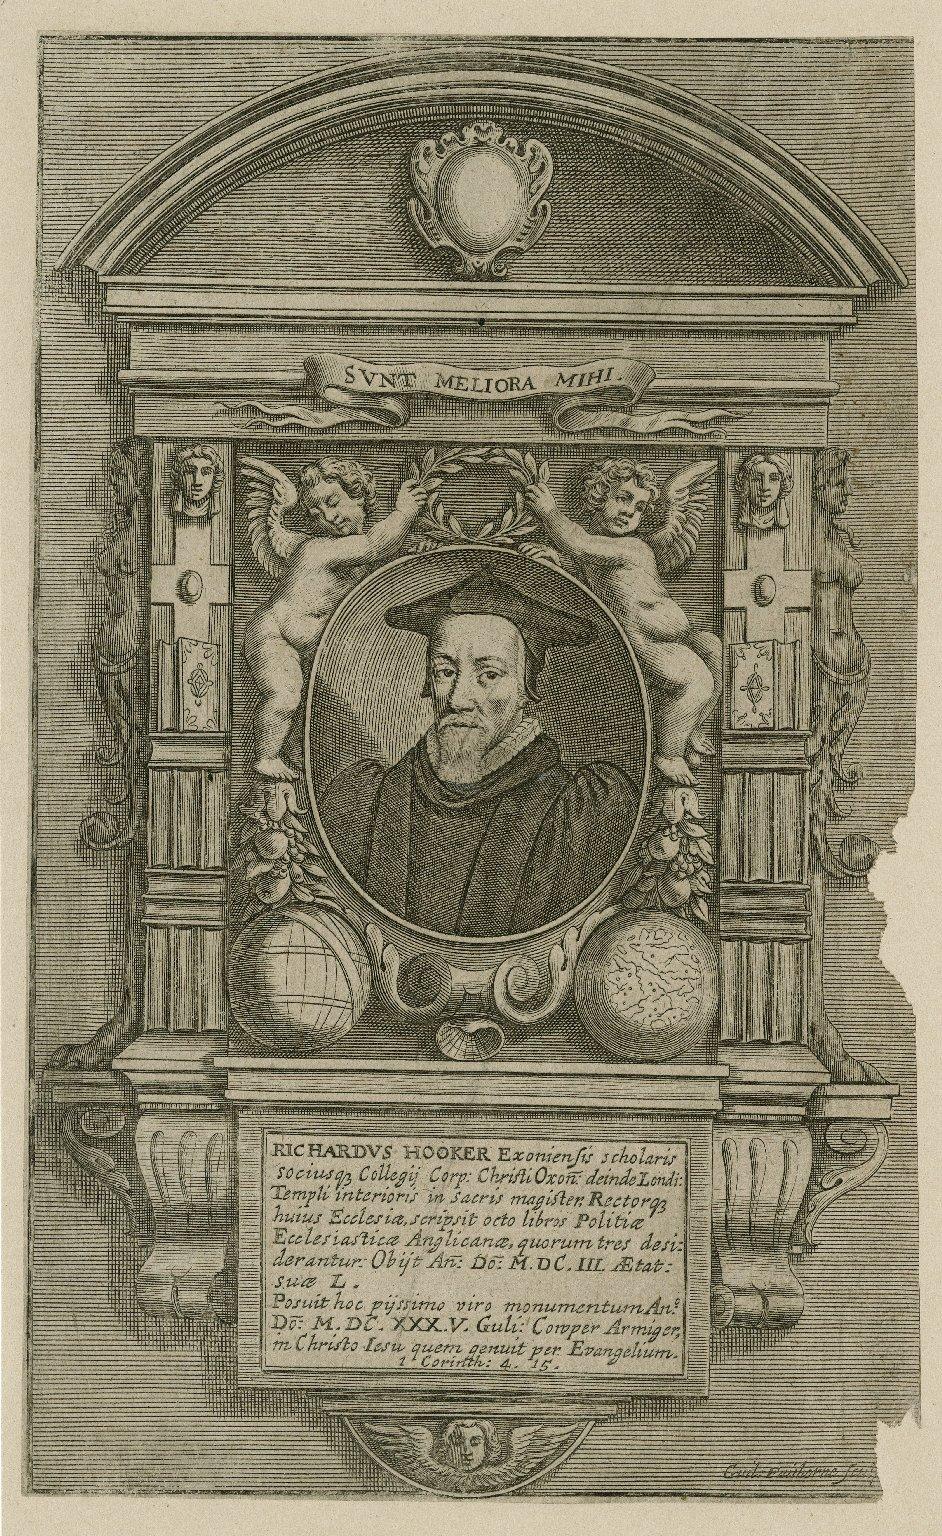 Richardus Hooker exoniensis scholaris ... [graphic] / Guil. Faithorne, sculp.